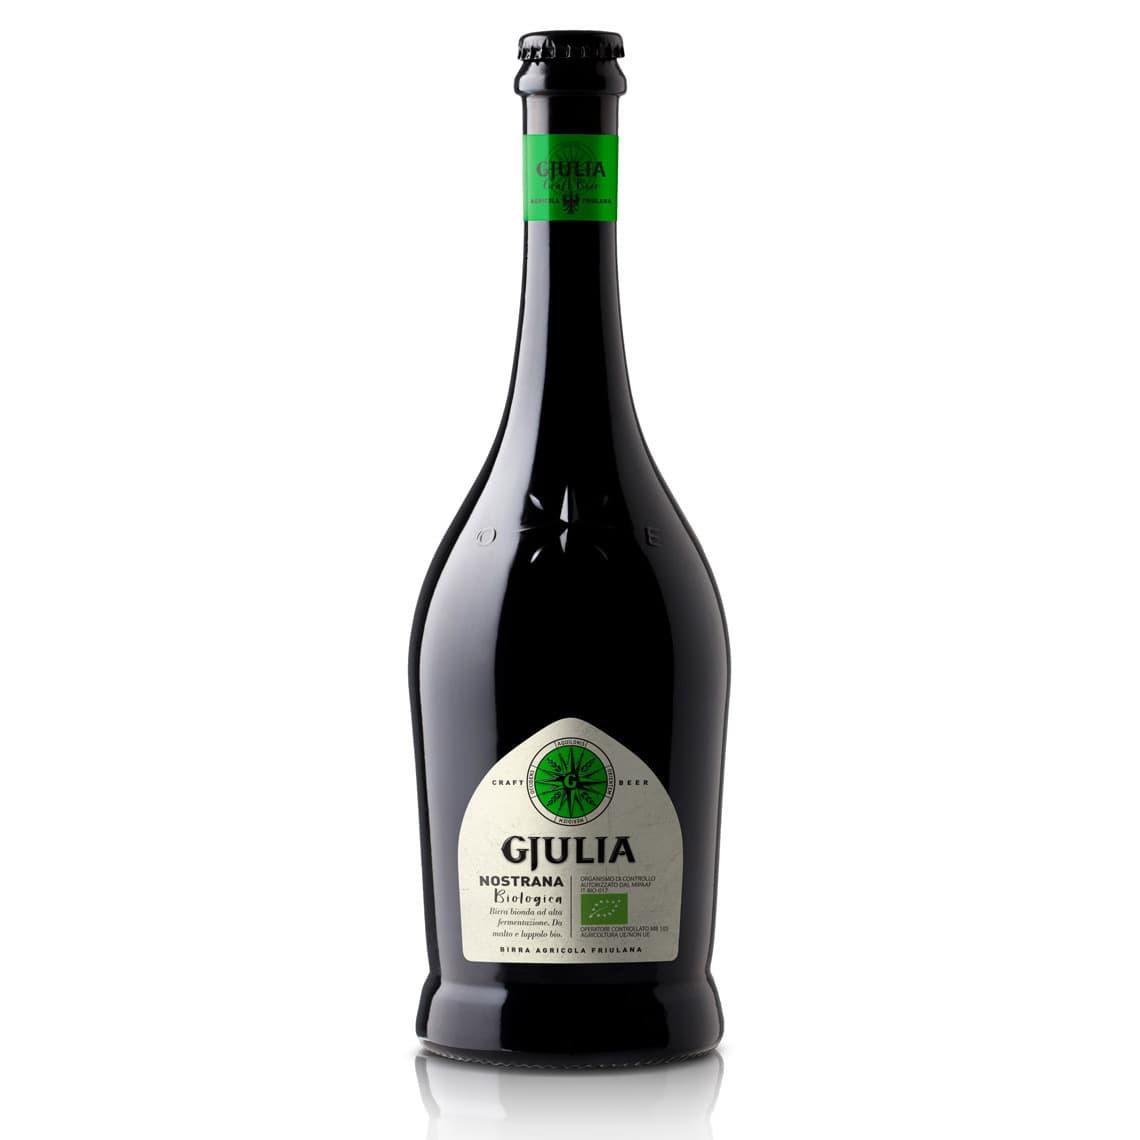 Birra GJULIA Nostrana h1140